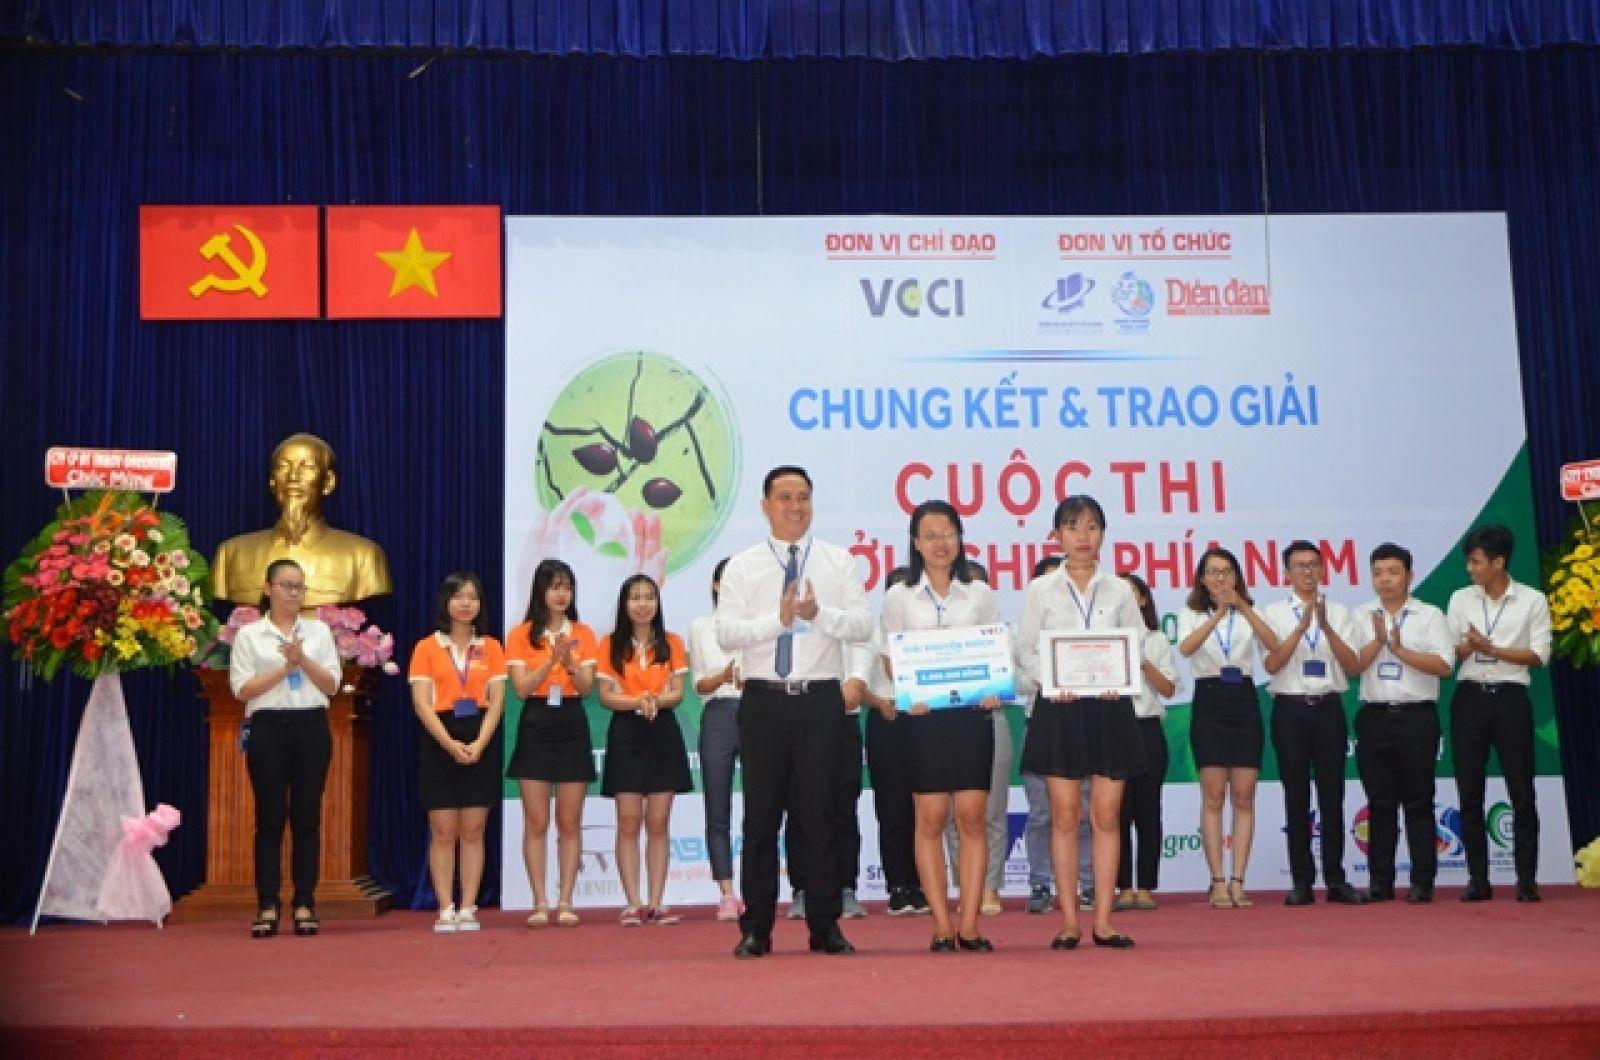 Ông Hà Huy Cường - Phó Tổng giám đốc ngân hàng An Bình trao Giải Khuyến khích cho Dự án Sản phẩm Dược liệu từ cây Đinh Lăng của SV trường ĐH Nông Lâm TP. HCM